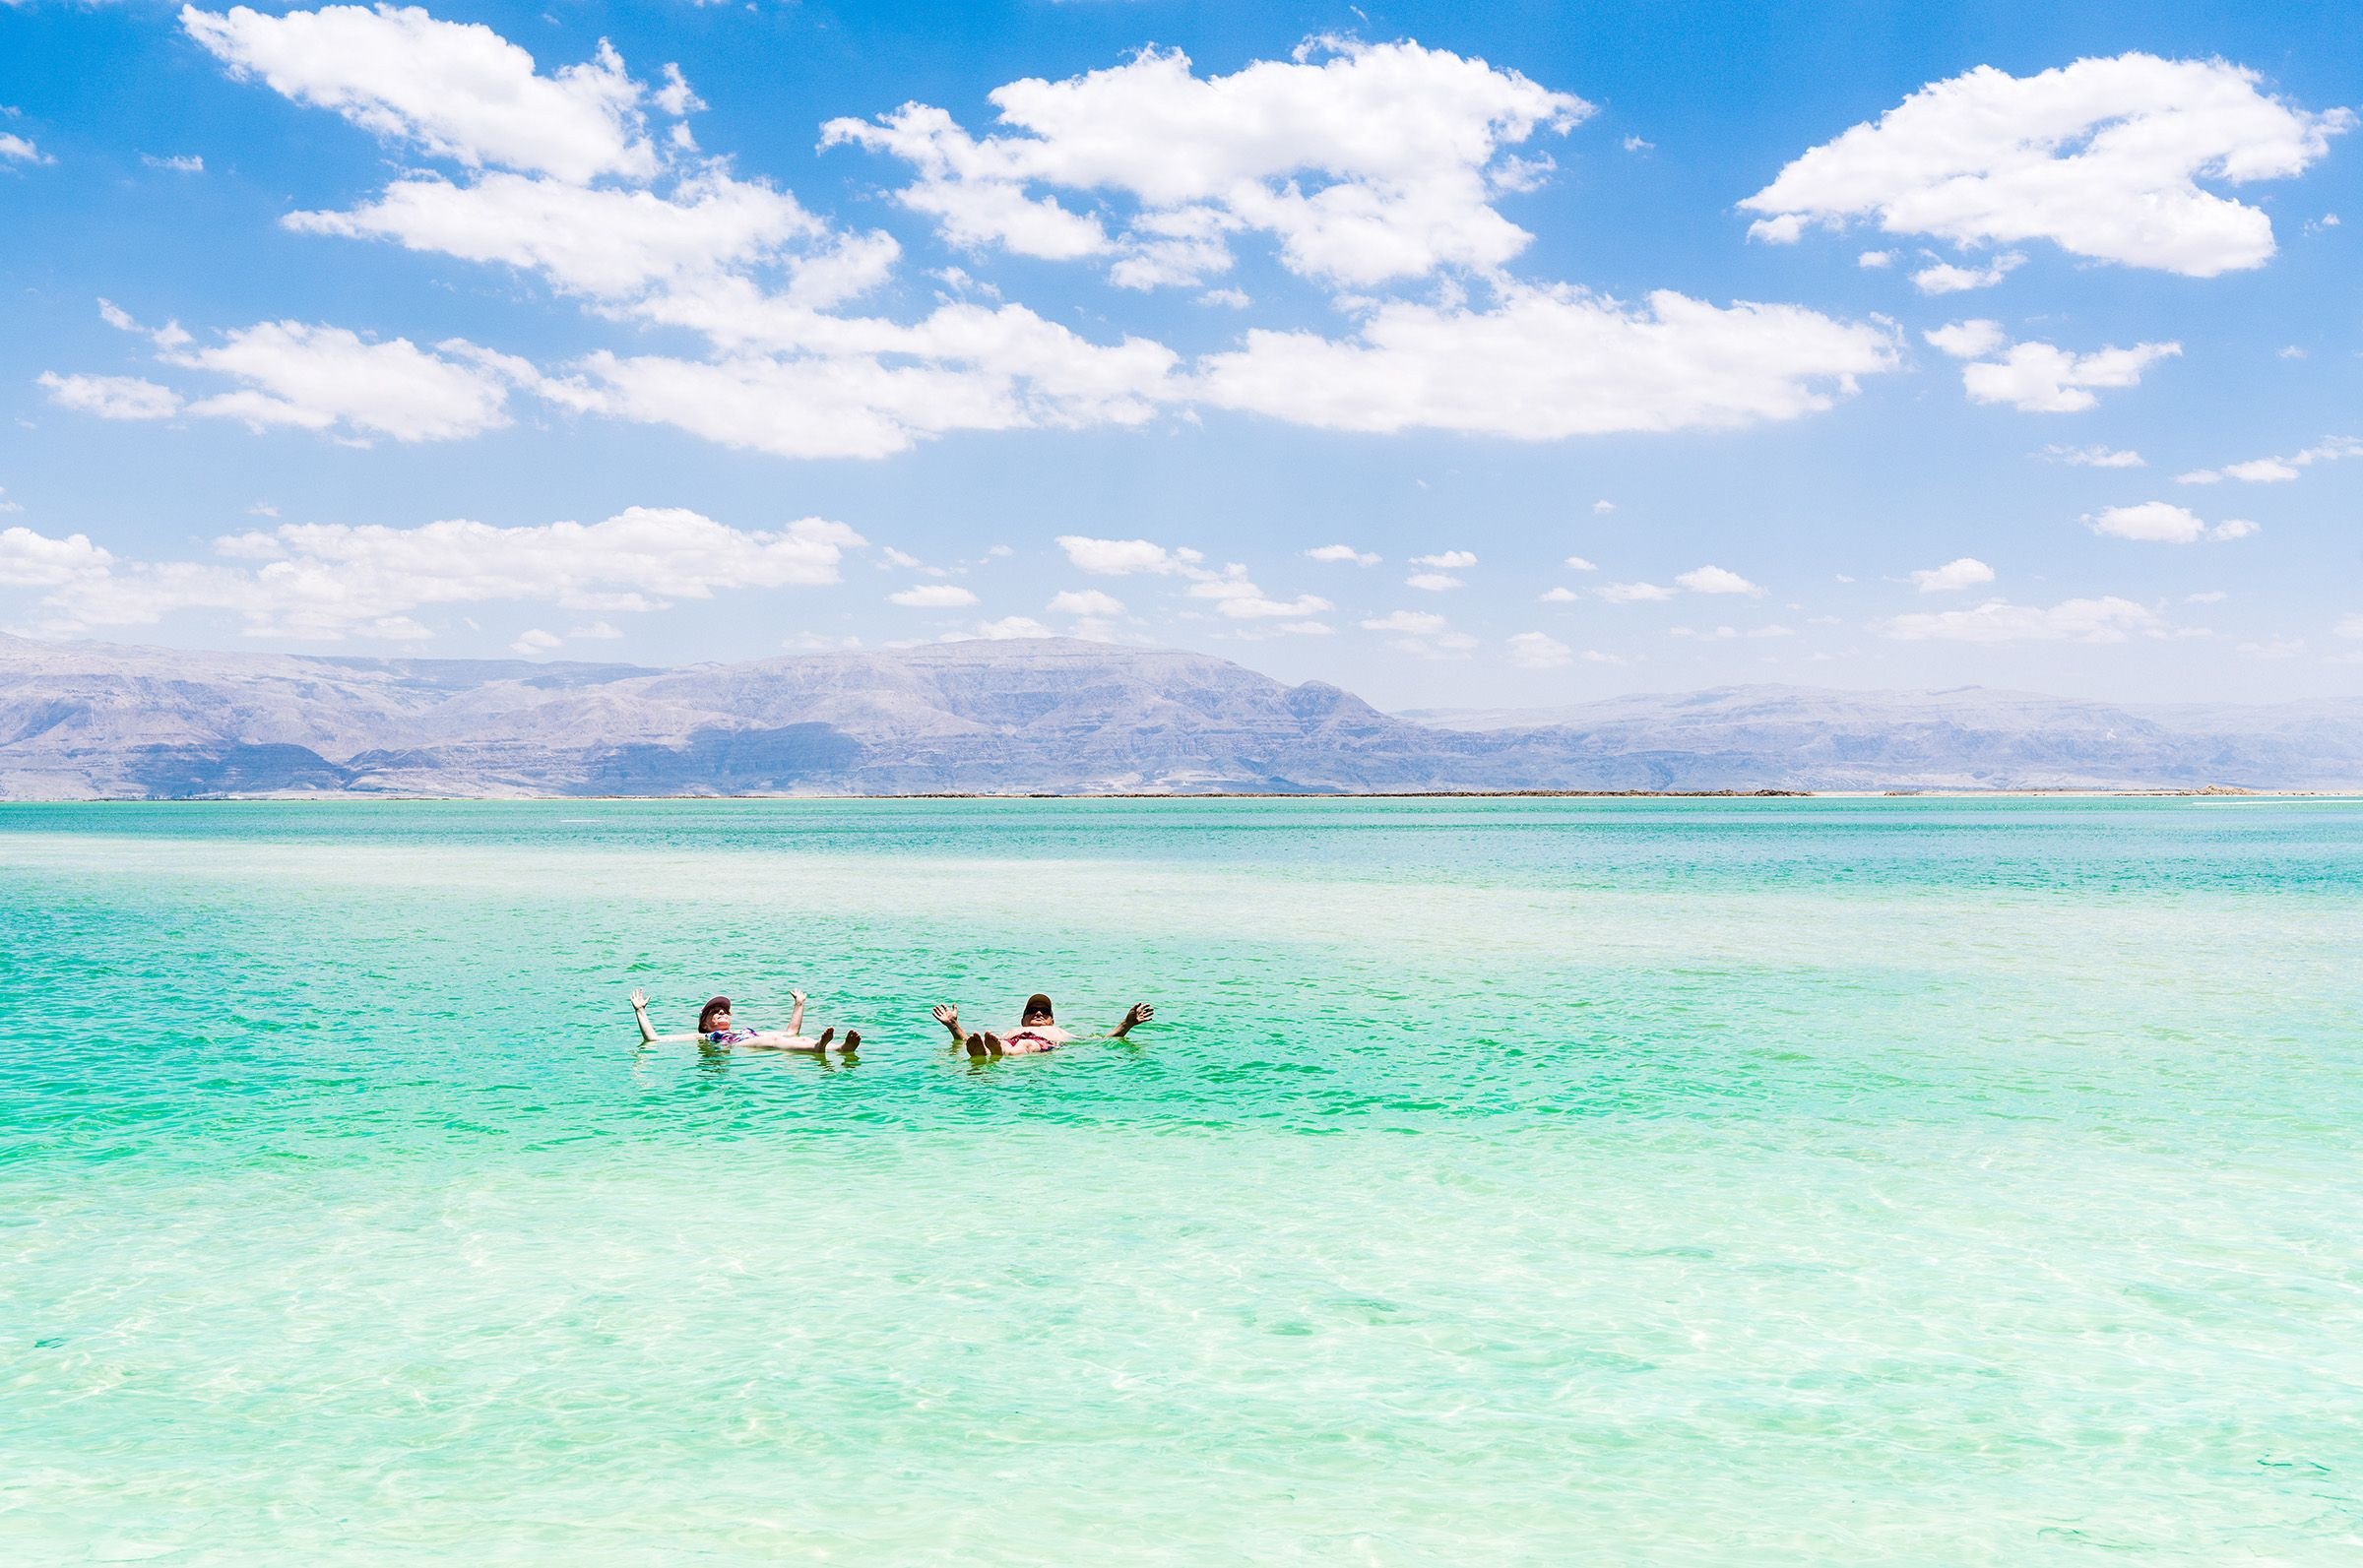 Cosa fare in Giordania: 8 posti per sorprendenti avventure acquatiche nel deserto